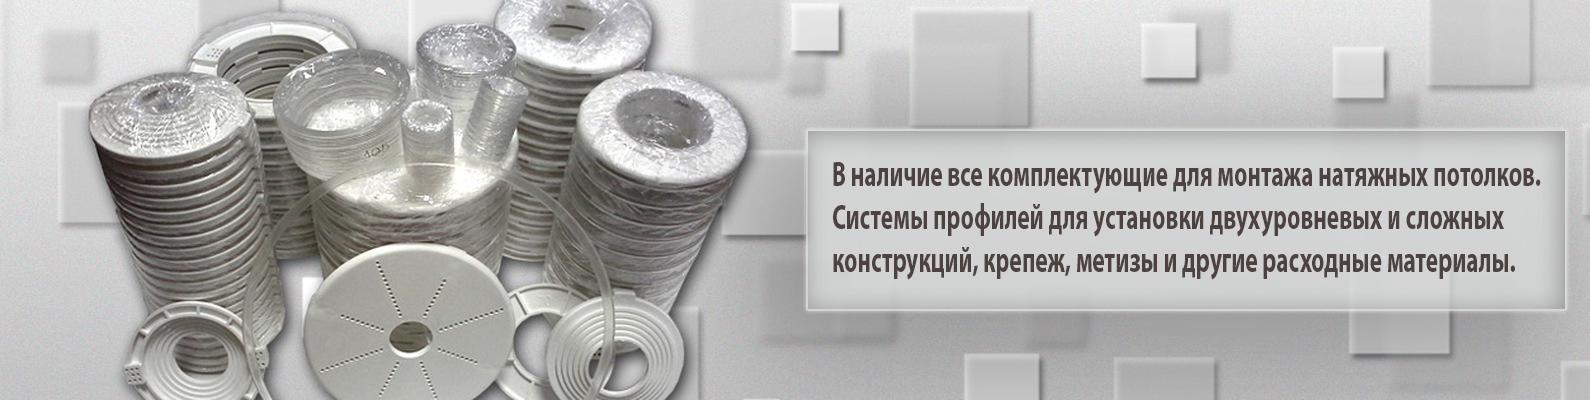 Комплектующие для натяжных потолков в Воронеже оптом и в розницу